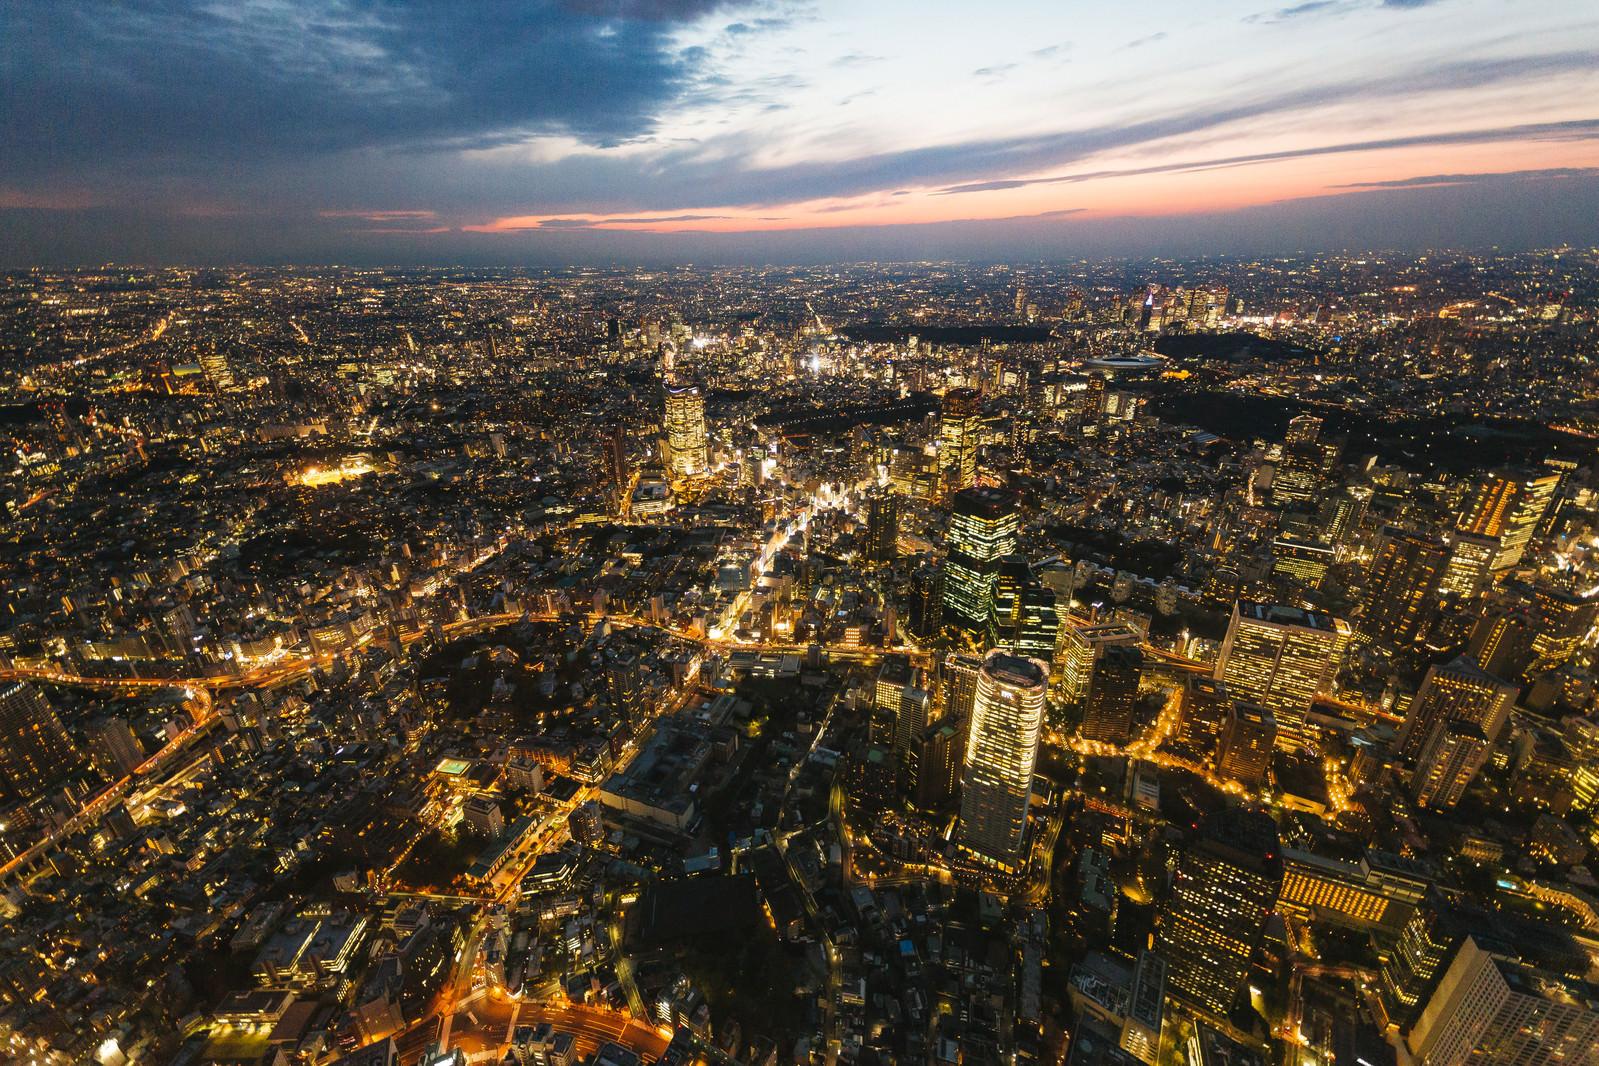 「日没間近の都心の様子(空撮)」の写真